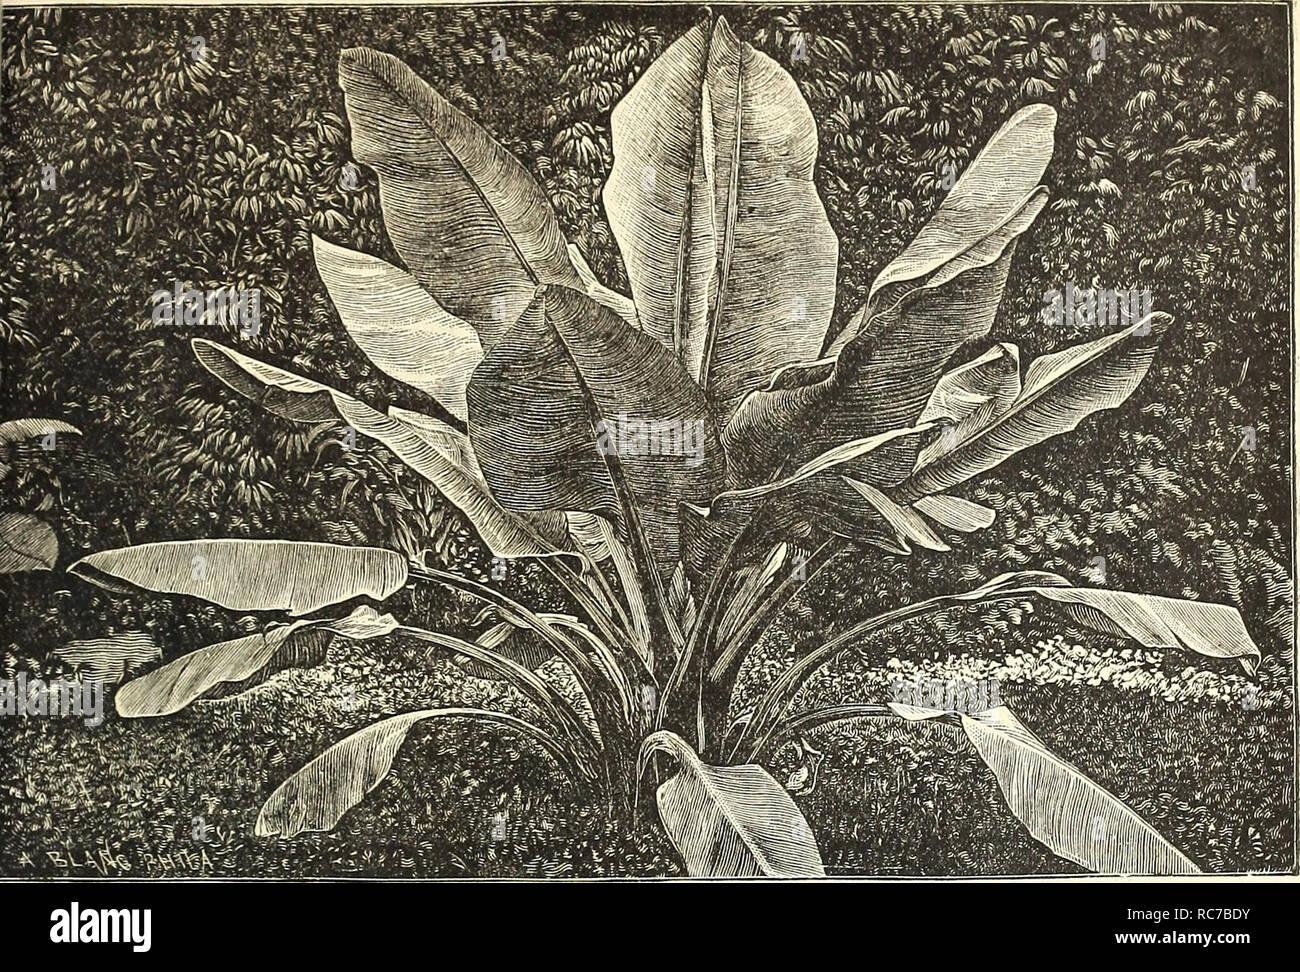 Dreer S Garden De Calendario Para 1887 Los Catálogos De